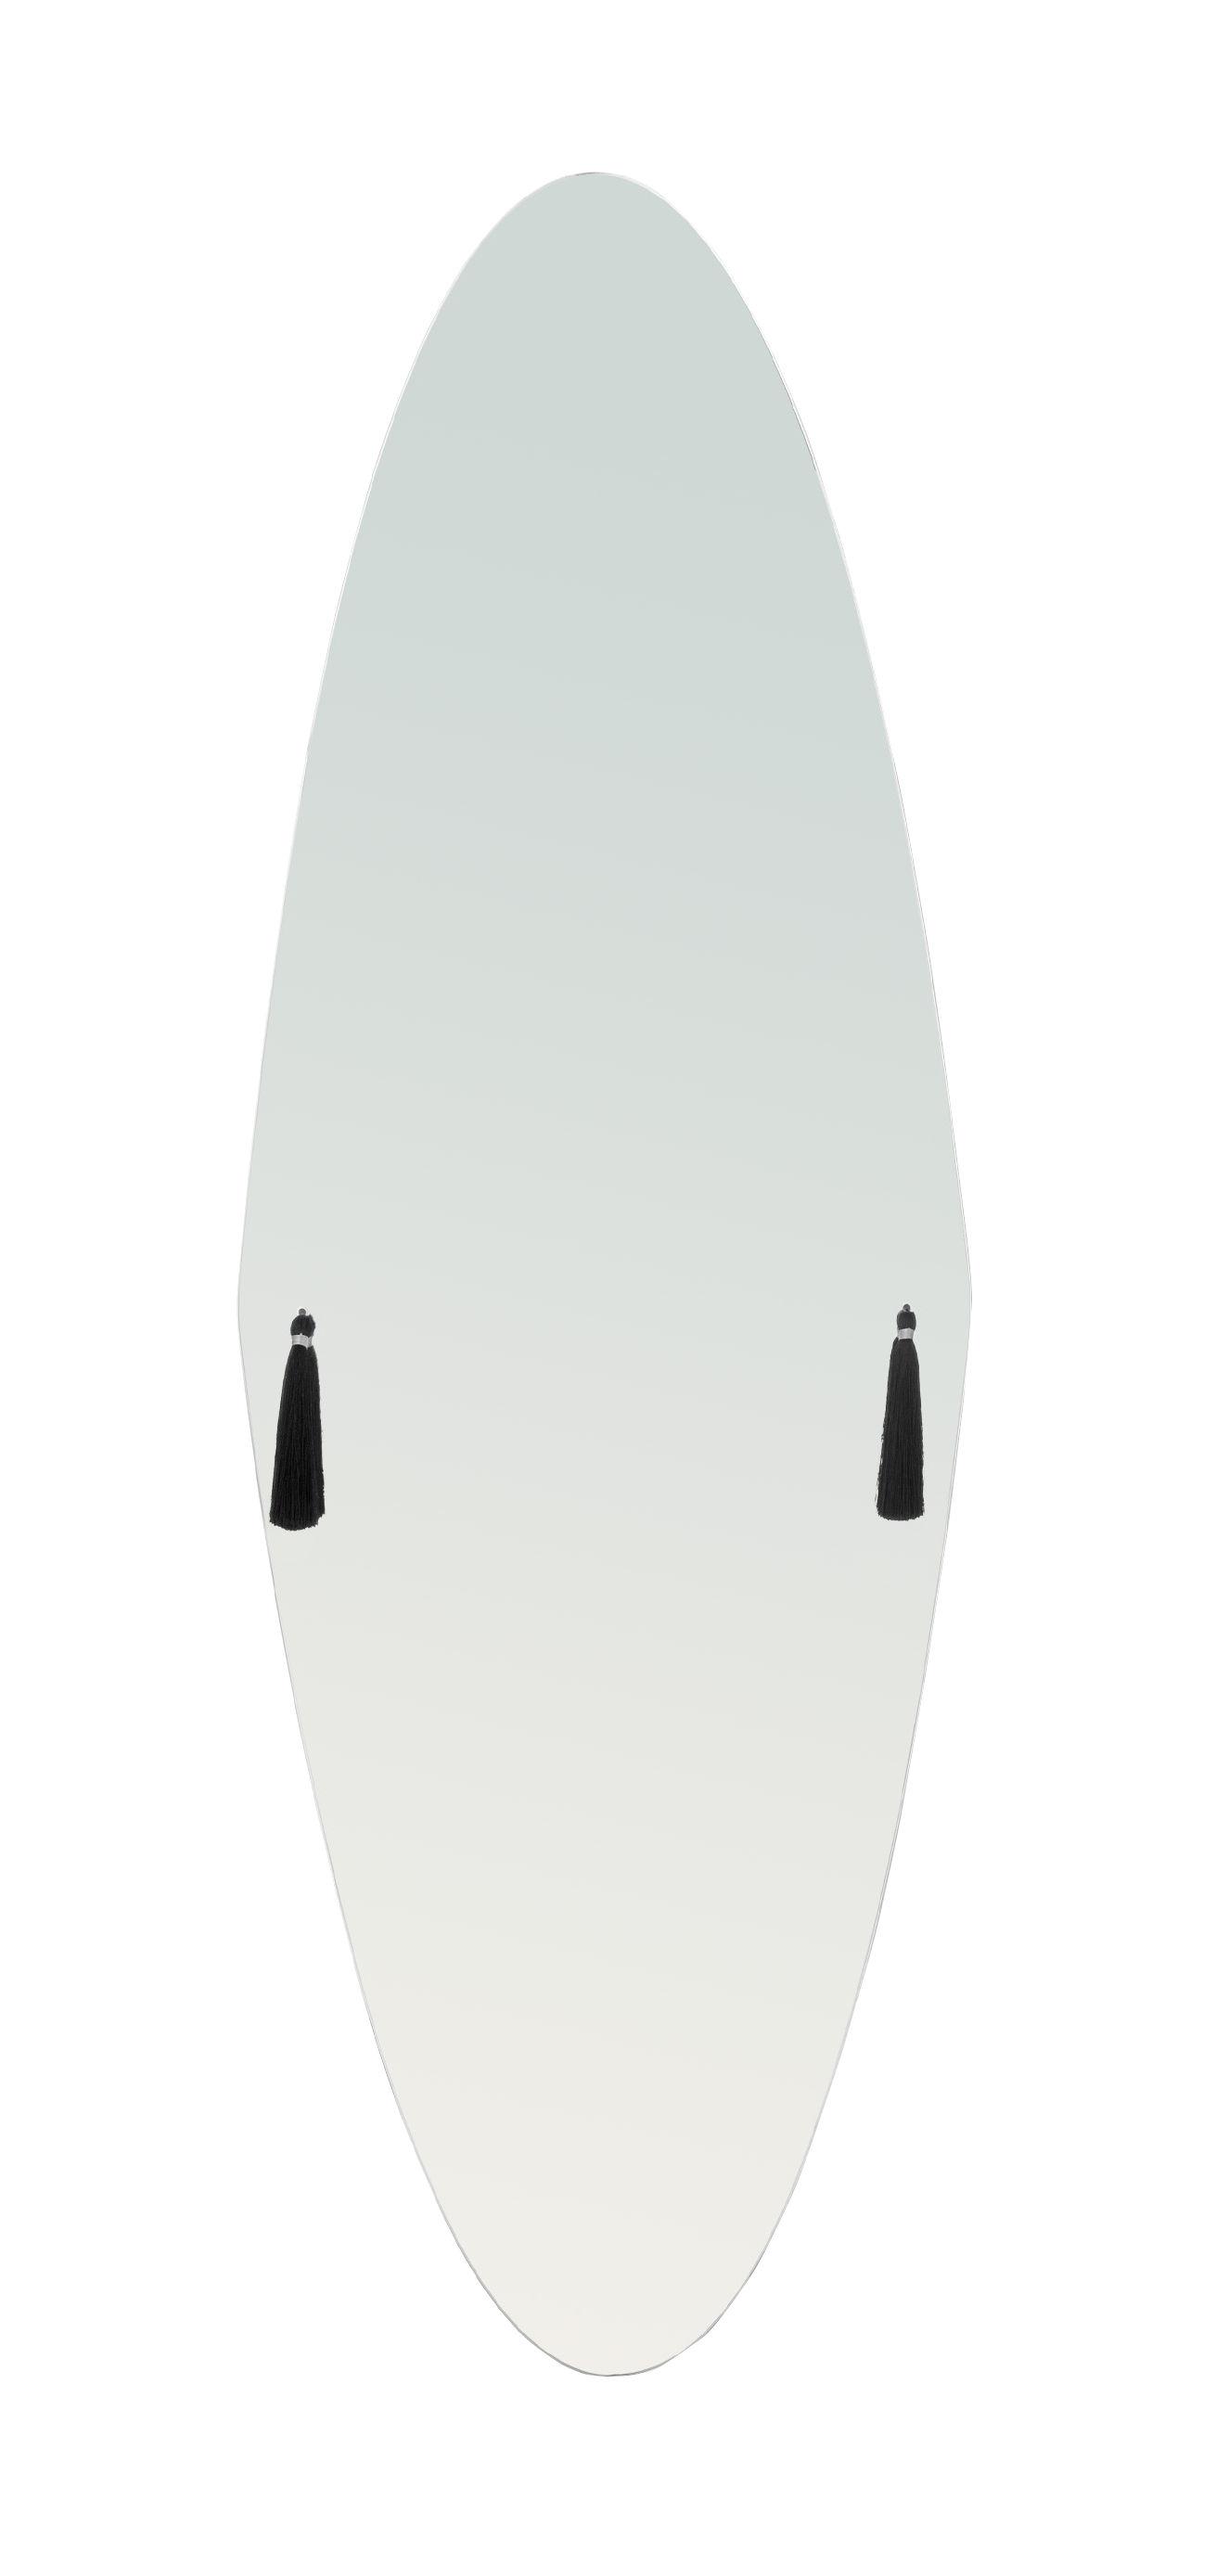 Déco - Miroirs - Miroir mural Panache Large / L 37 x H 112 cm - 6 pompons interchangeables - Petite Friture - Large - Tissu, Verre